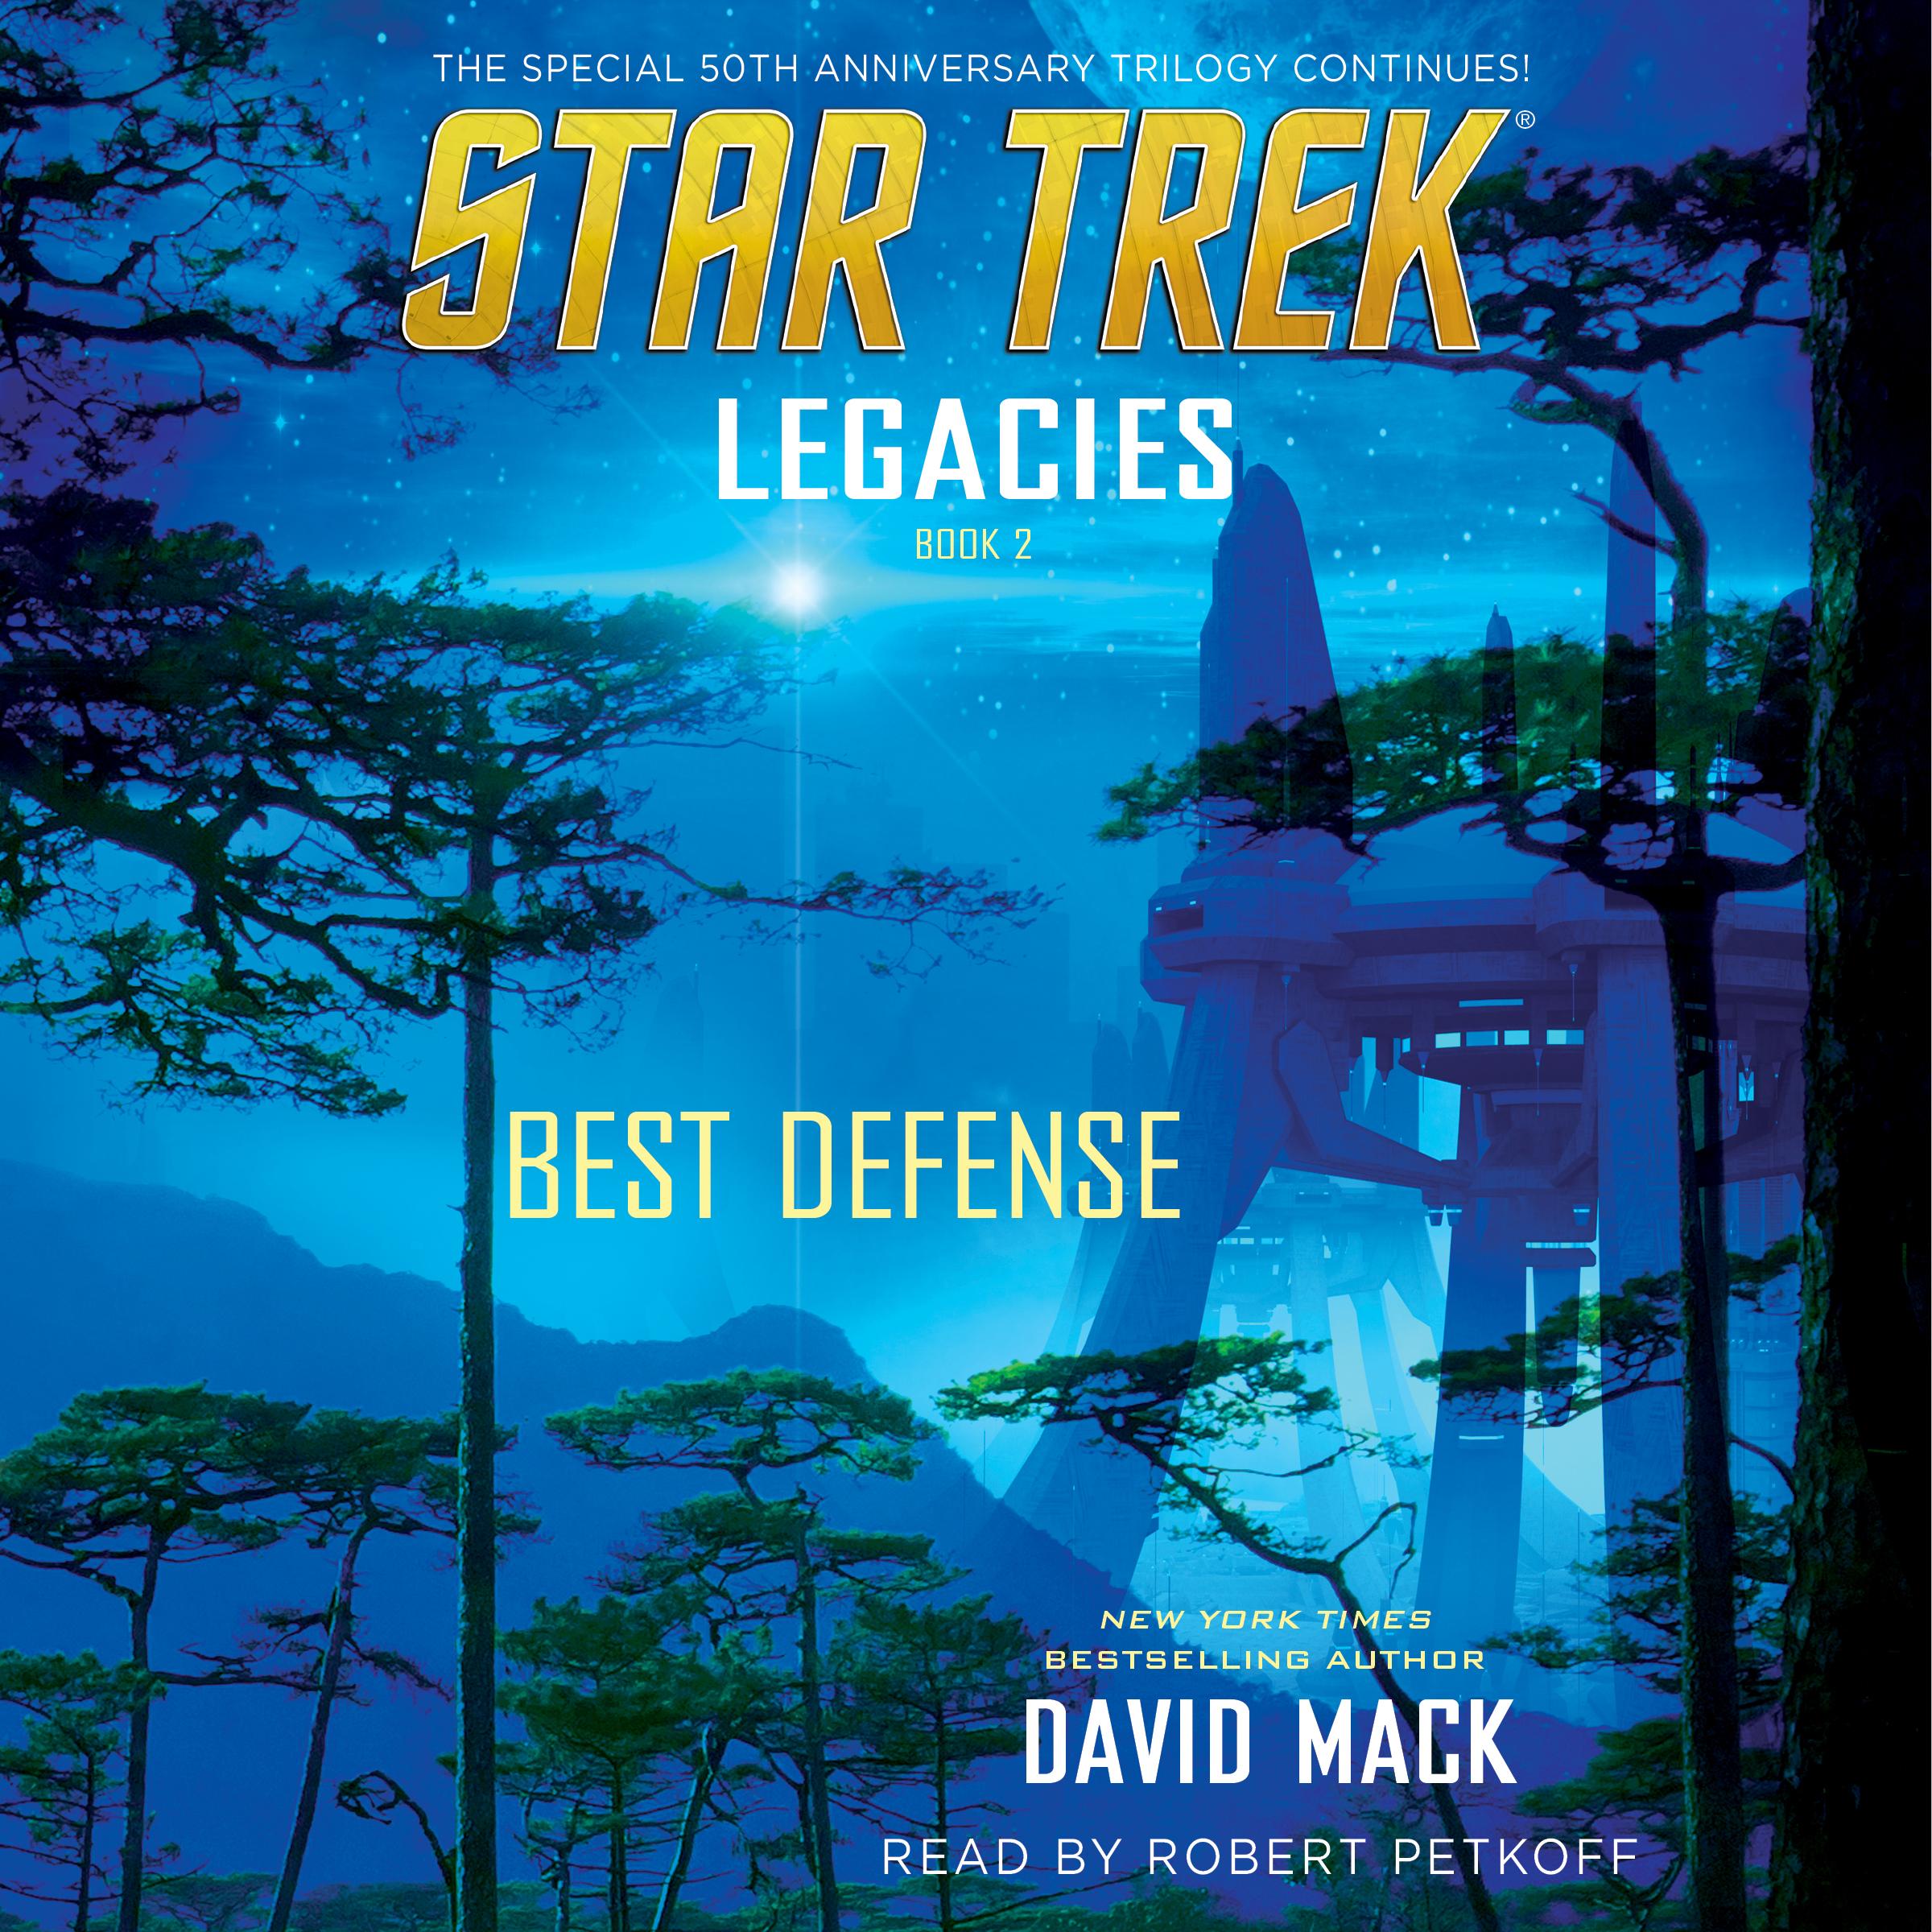 Legacies 2 best defense 9781508226994 hr